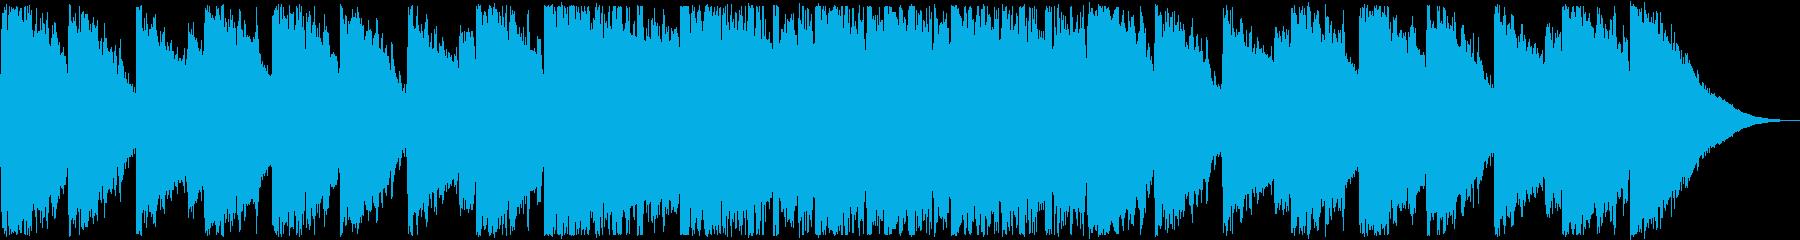 オープニング・おしゃれな洋楽ポップスの再生済みの波形